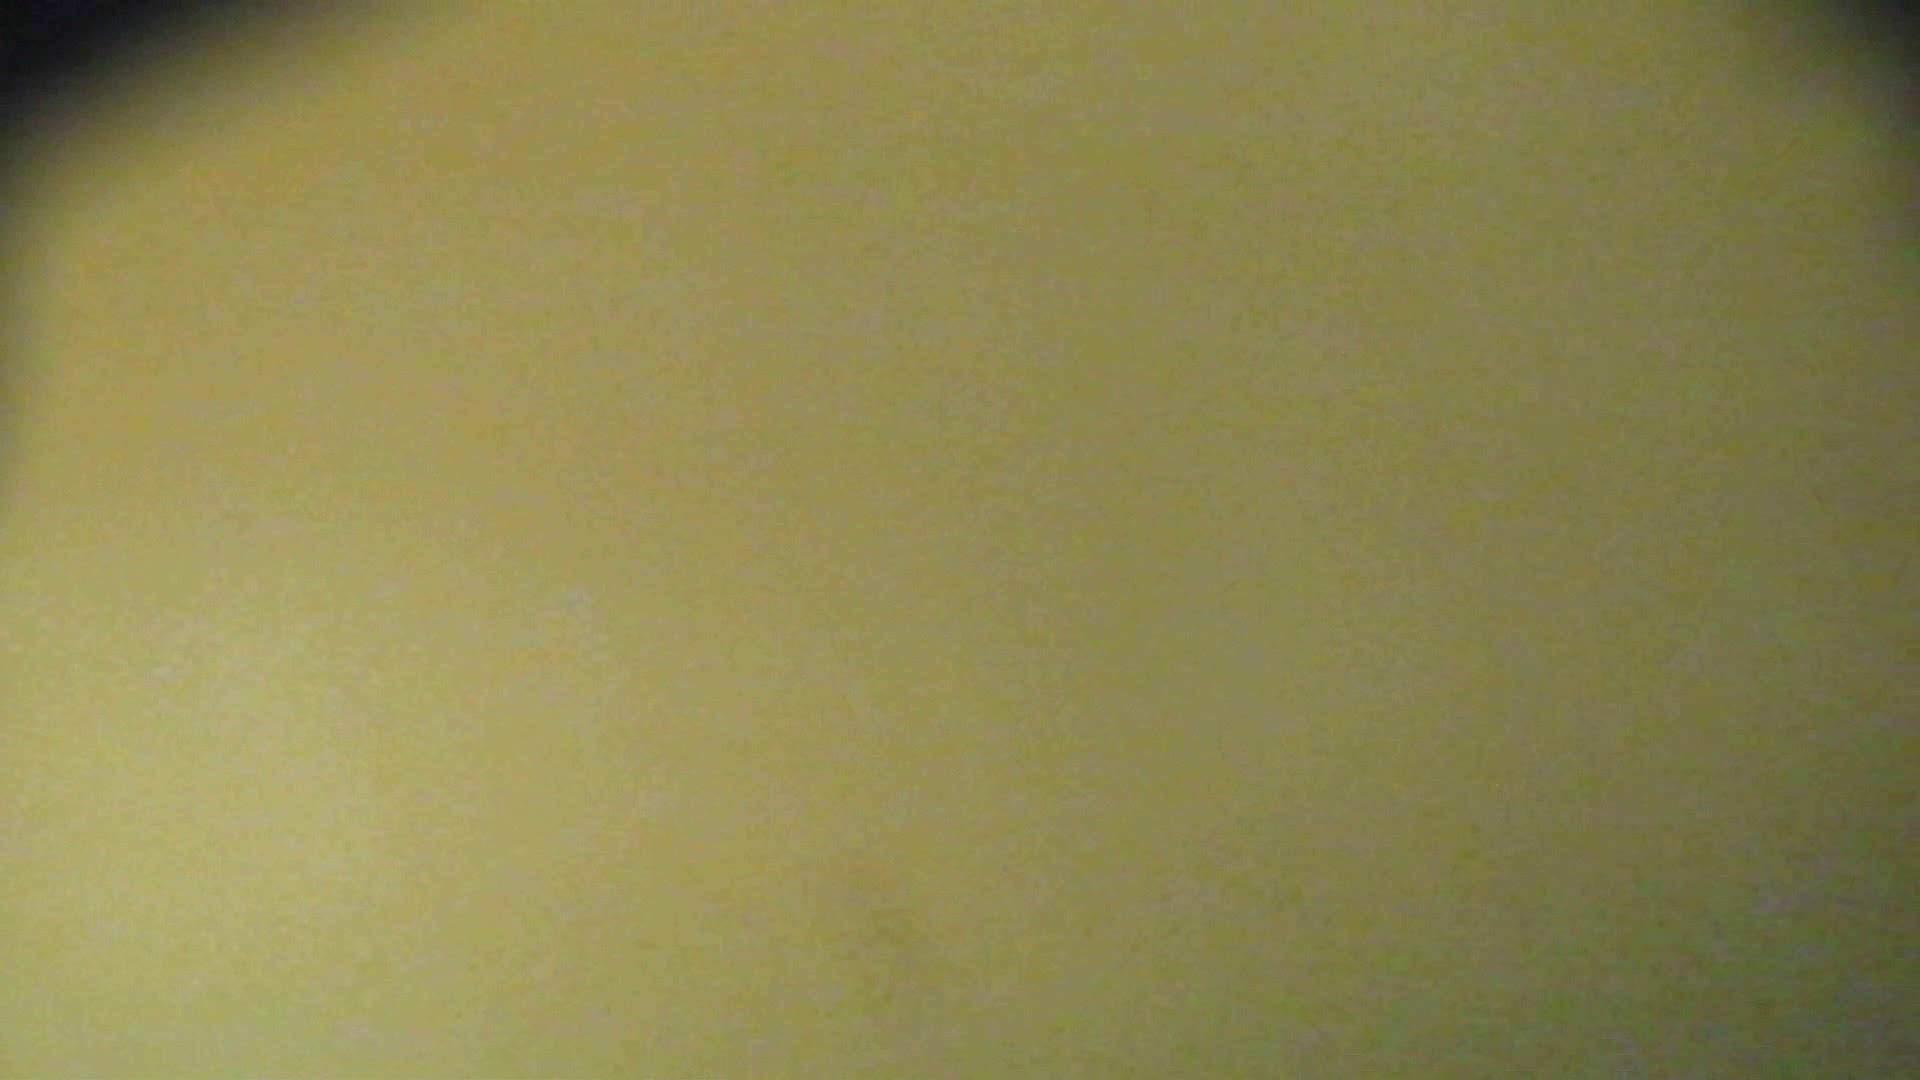 阿国ちゃんの「和式洋式七変化」No.12 盛合せ おまんこ無修正動画無料 99画像 63